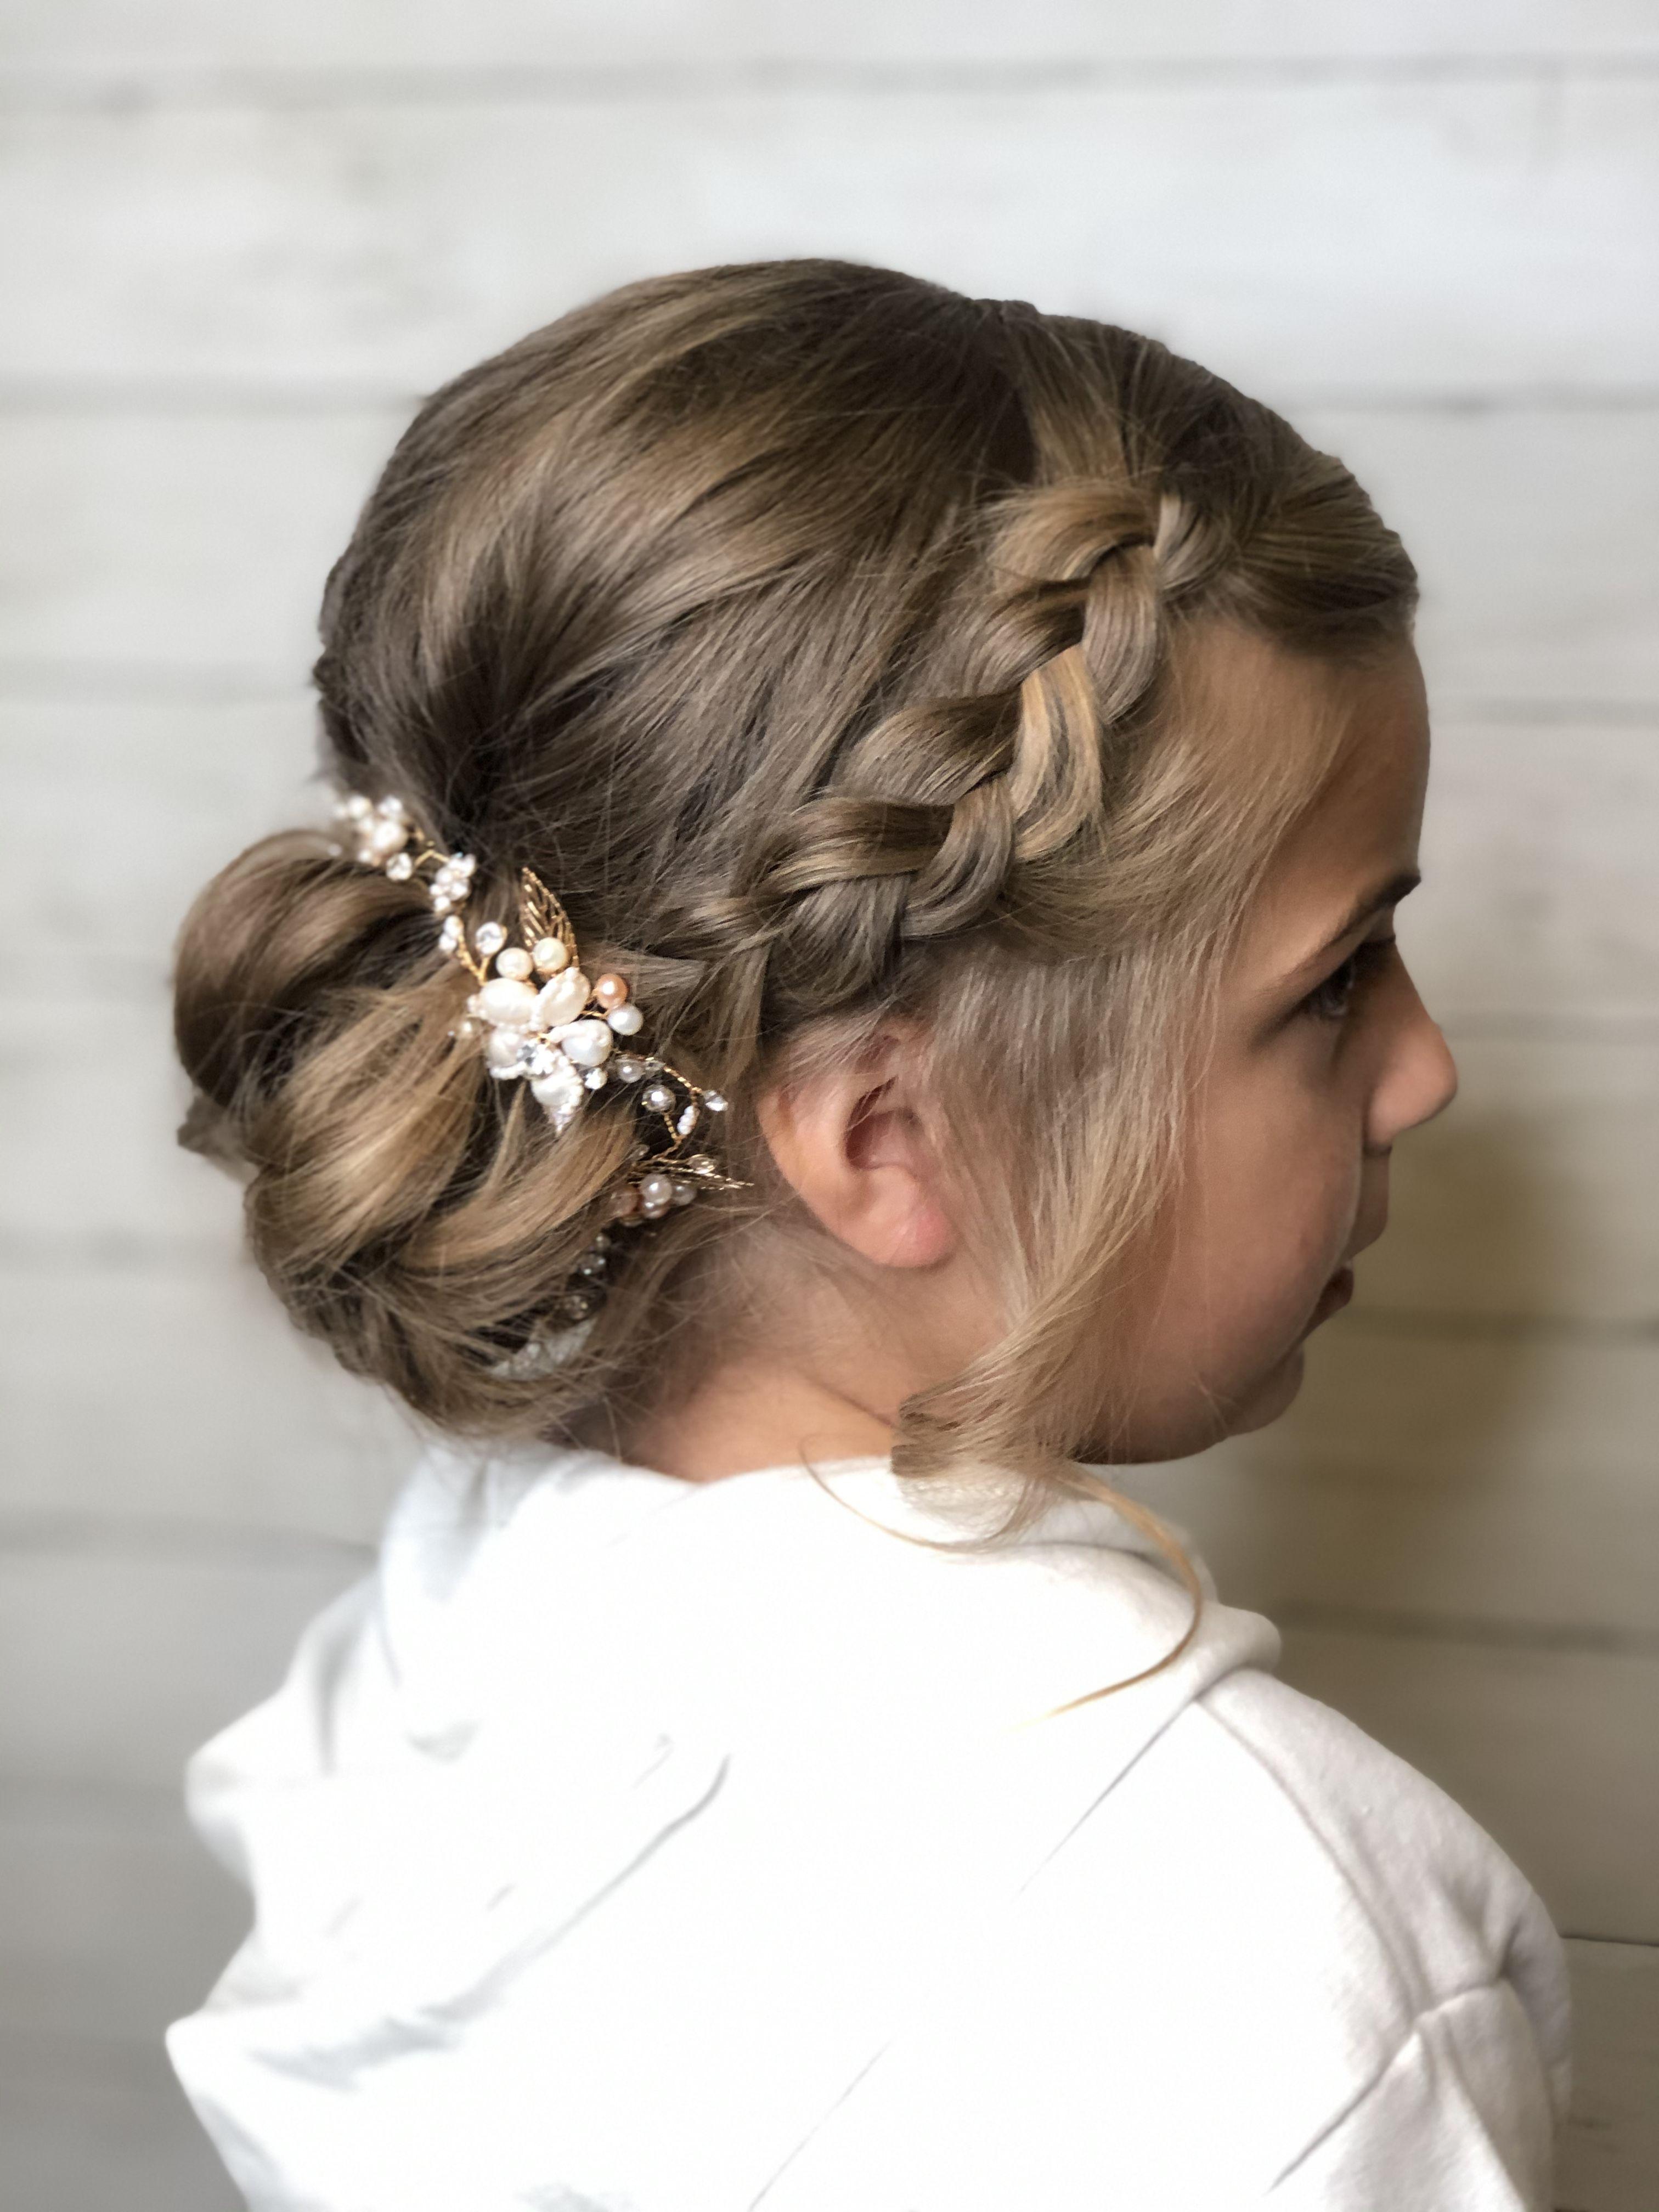 Flower Girl Hair In 2020 Flower Girl Hairstyles Girls Updo Hairstyles Flower Girl Hairstyles Updo